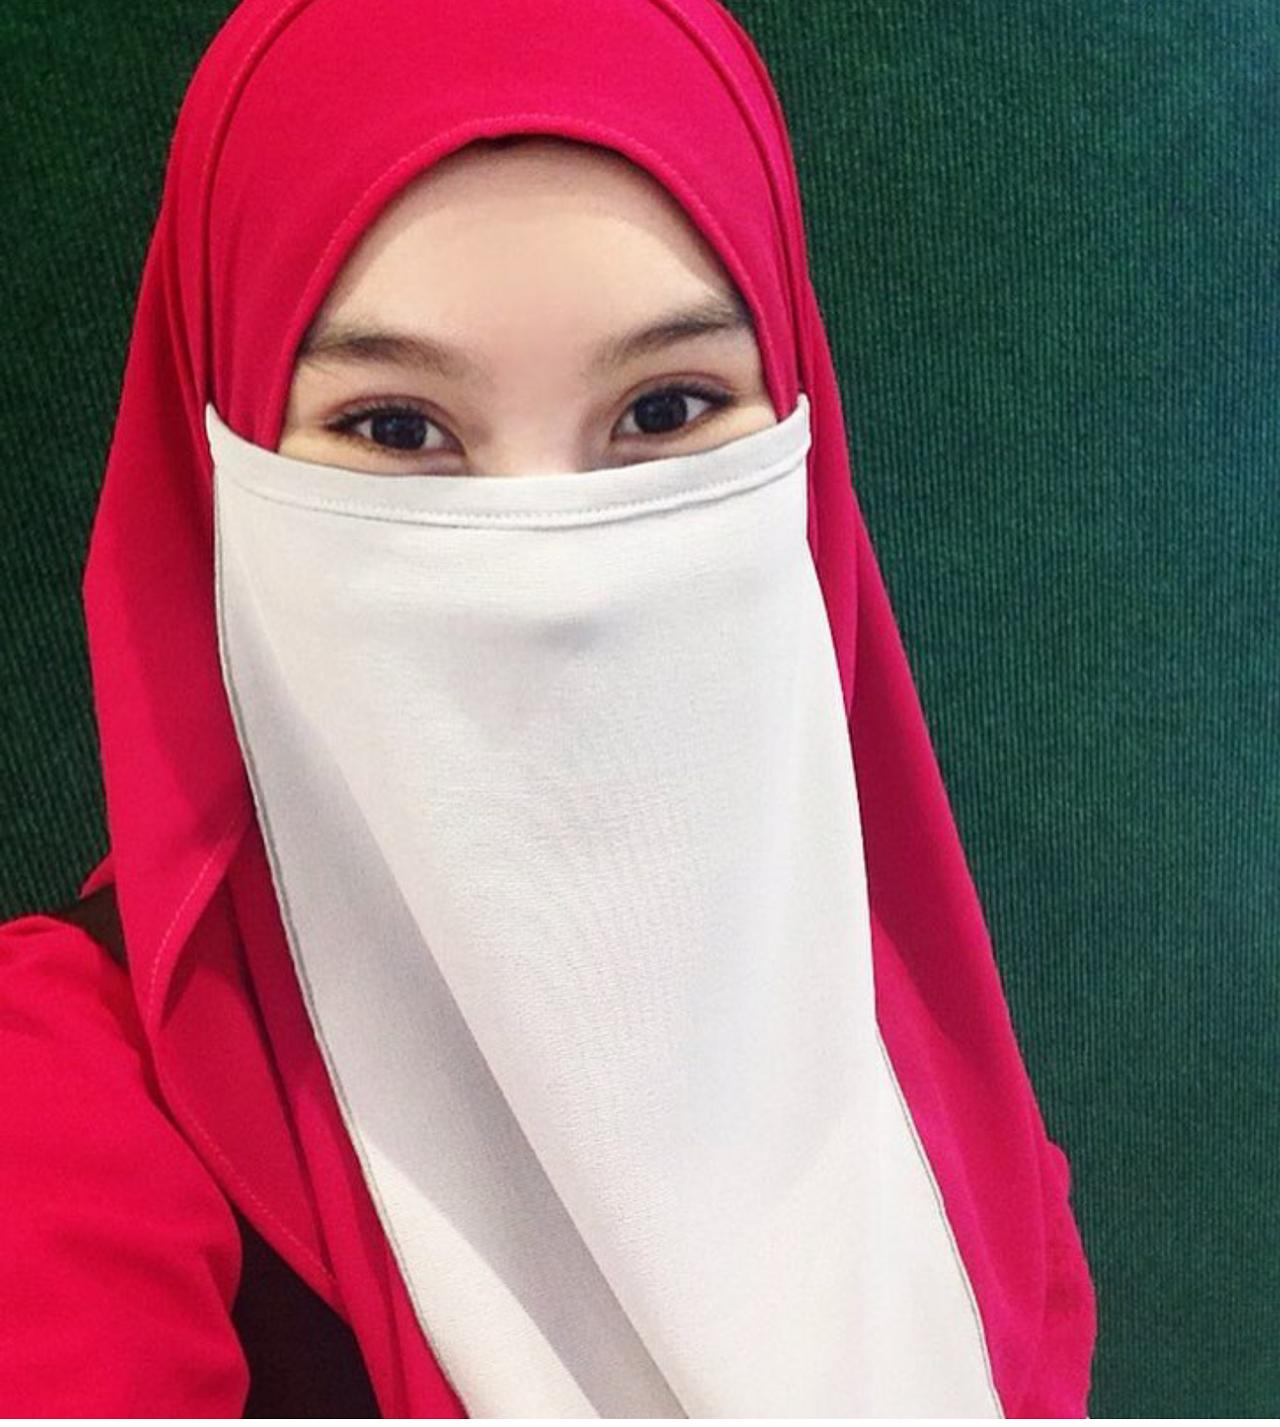 Niqabis | Wanita, Gaya hijab, Niqab